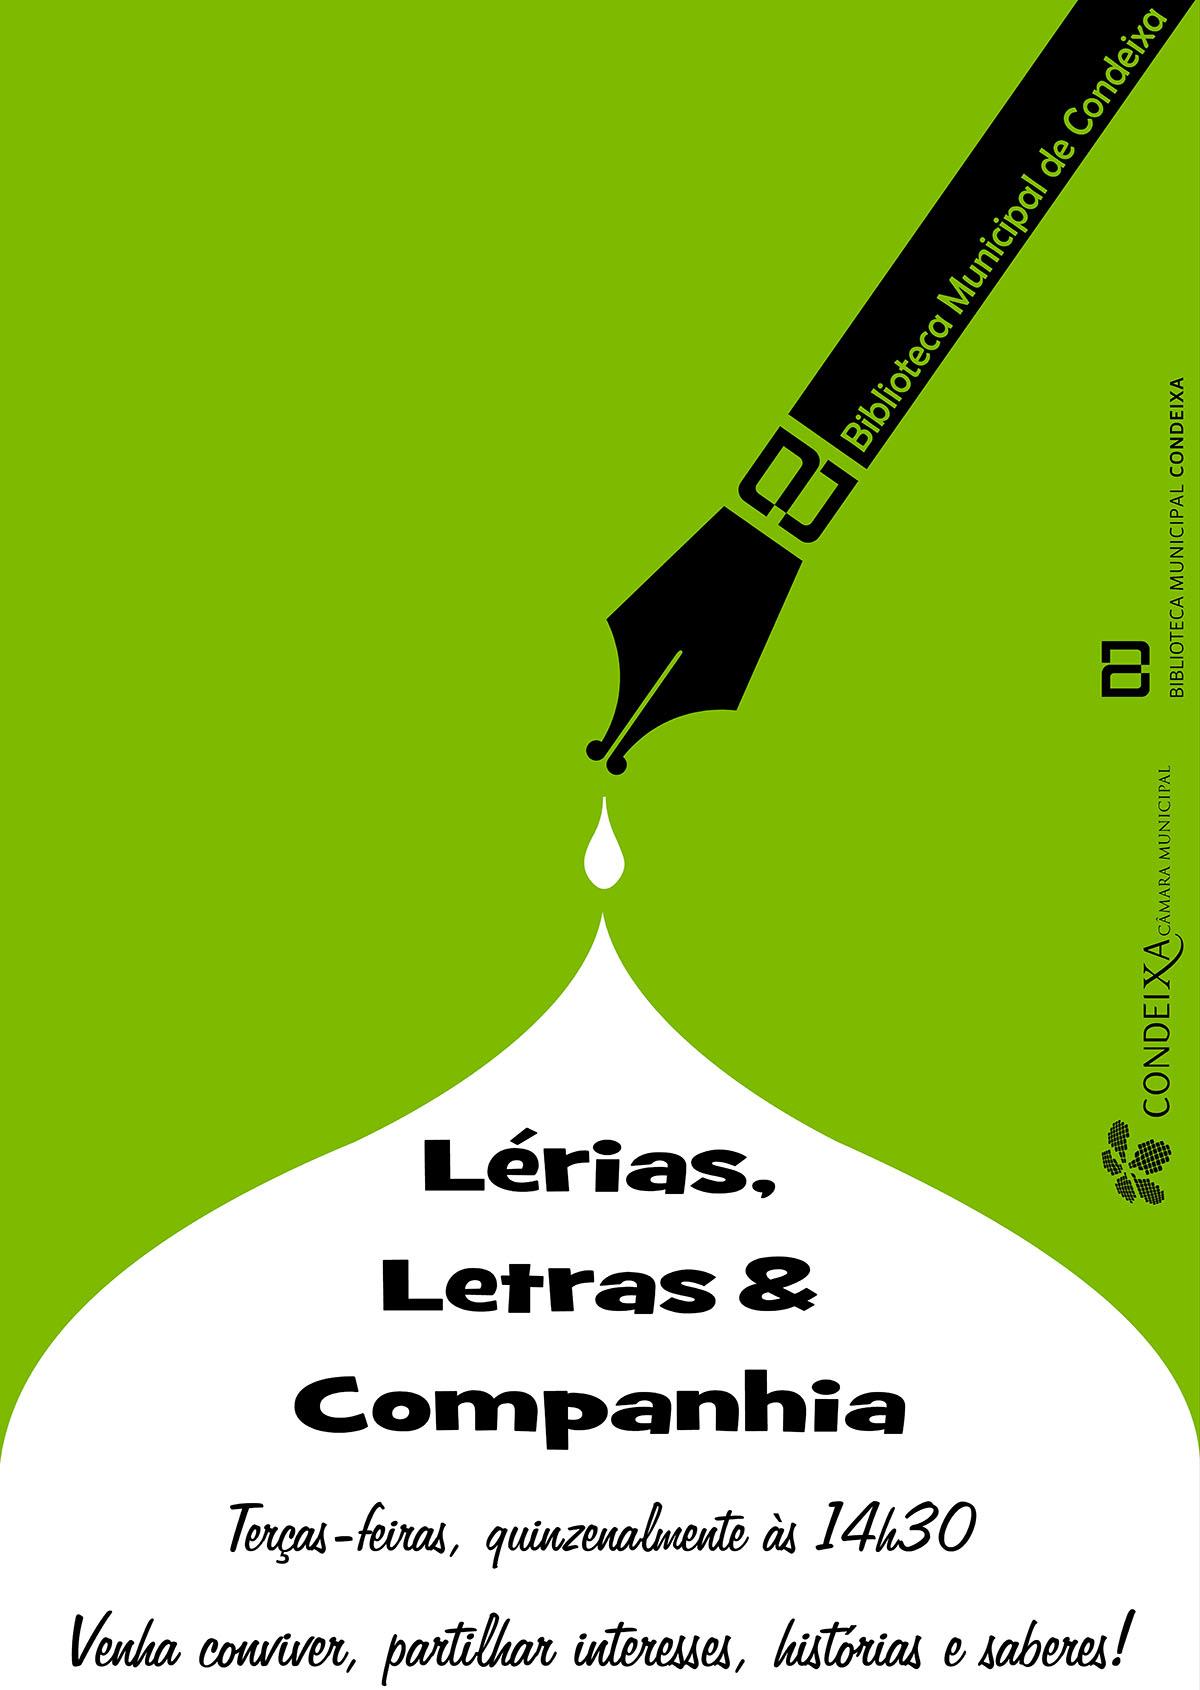 Lérias, Letras & Companhia